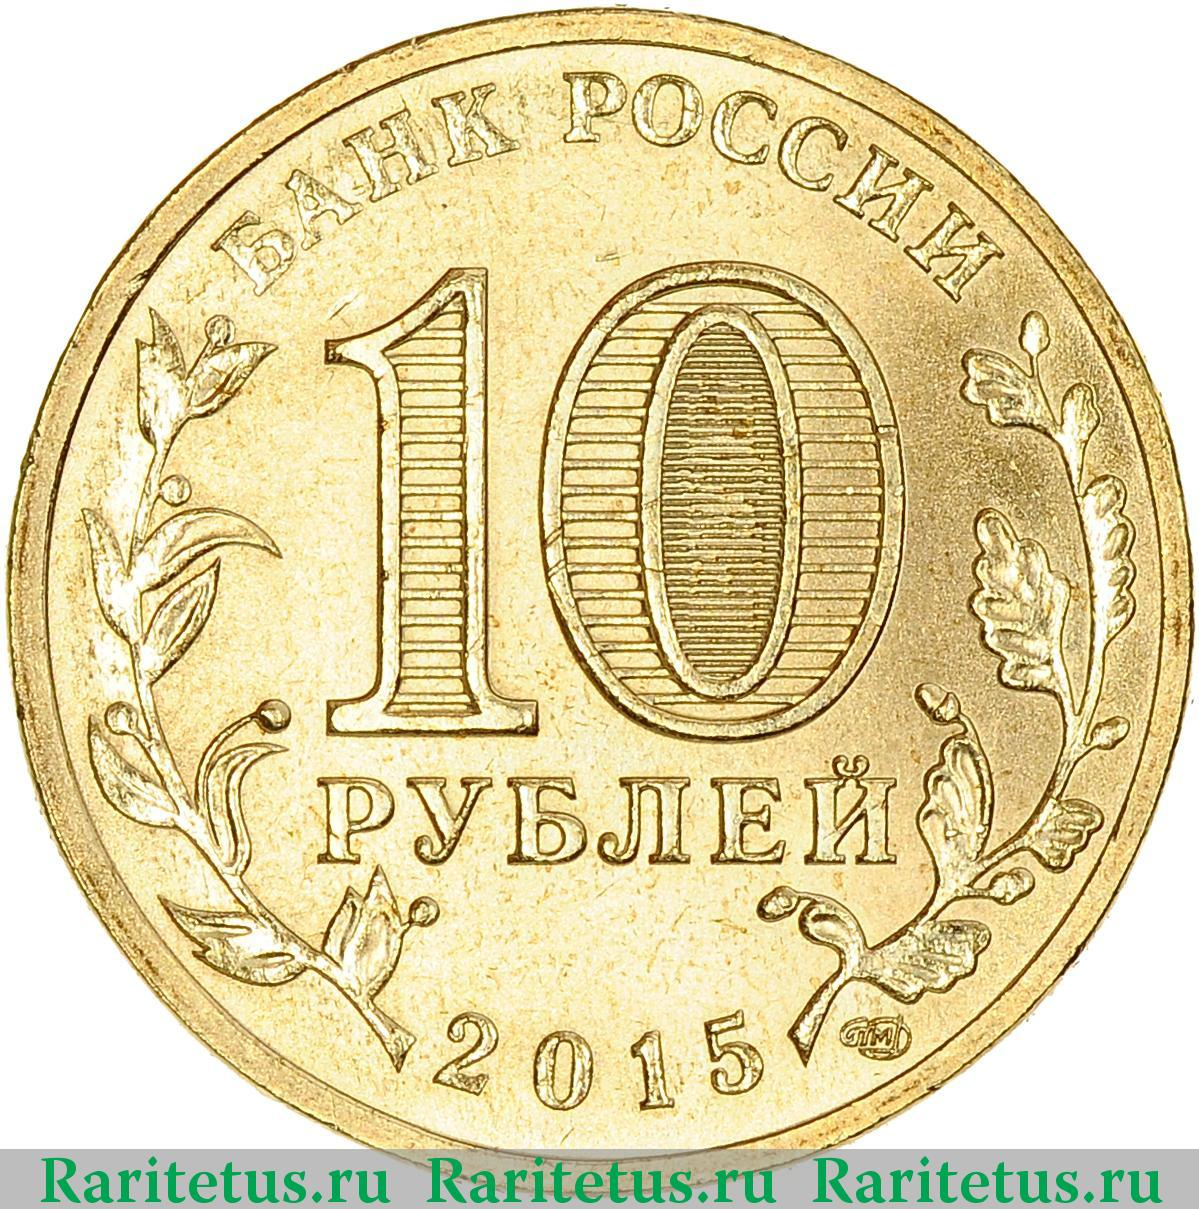 Вес монеты 10 рублей 2016 пломба 6 букв